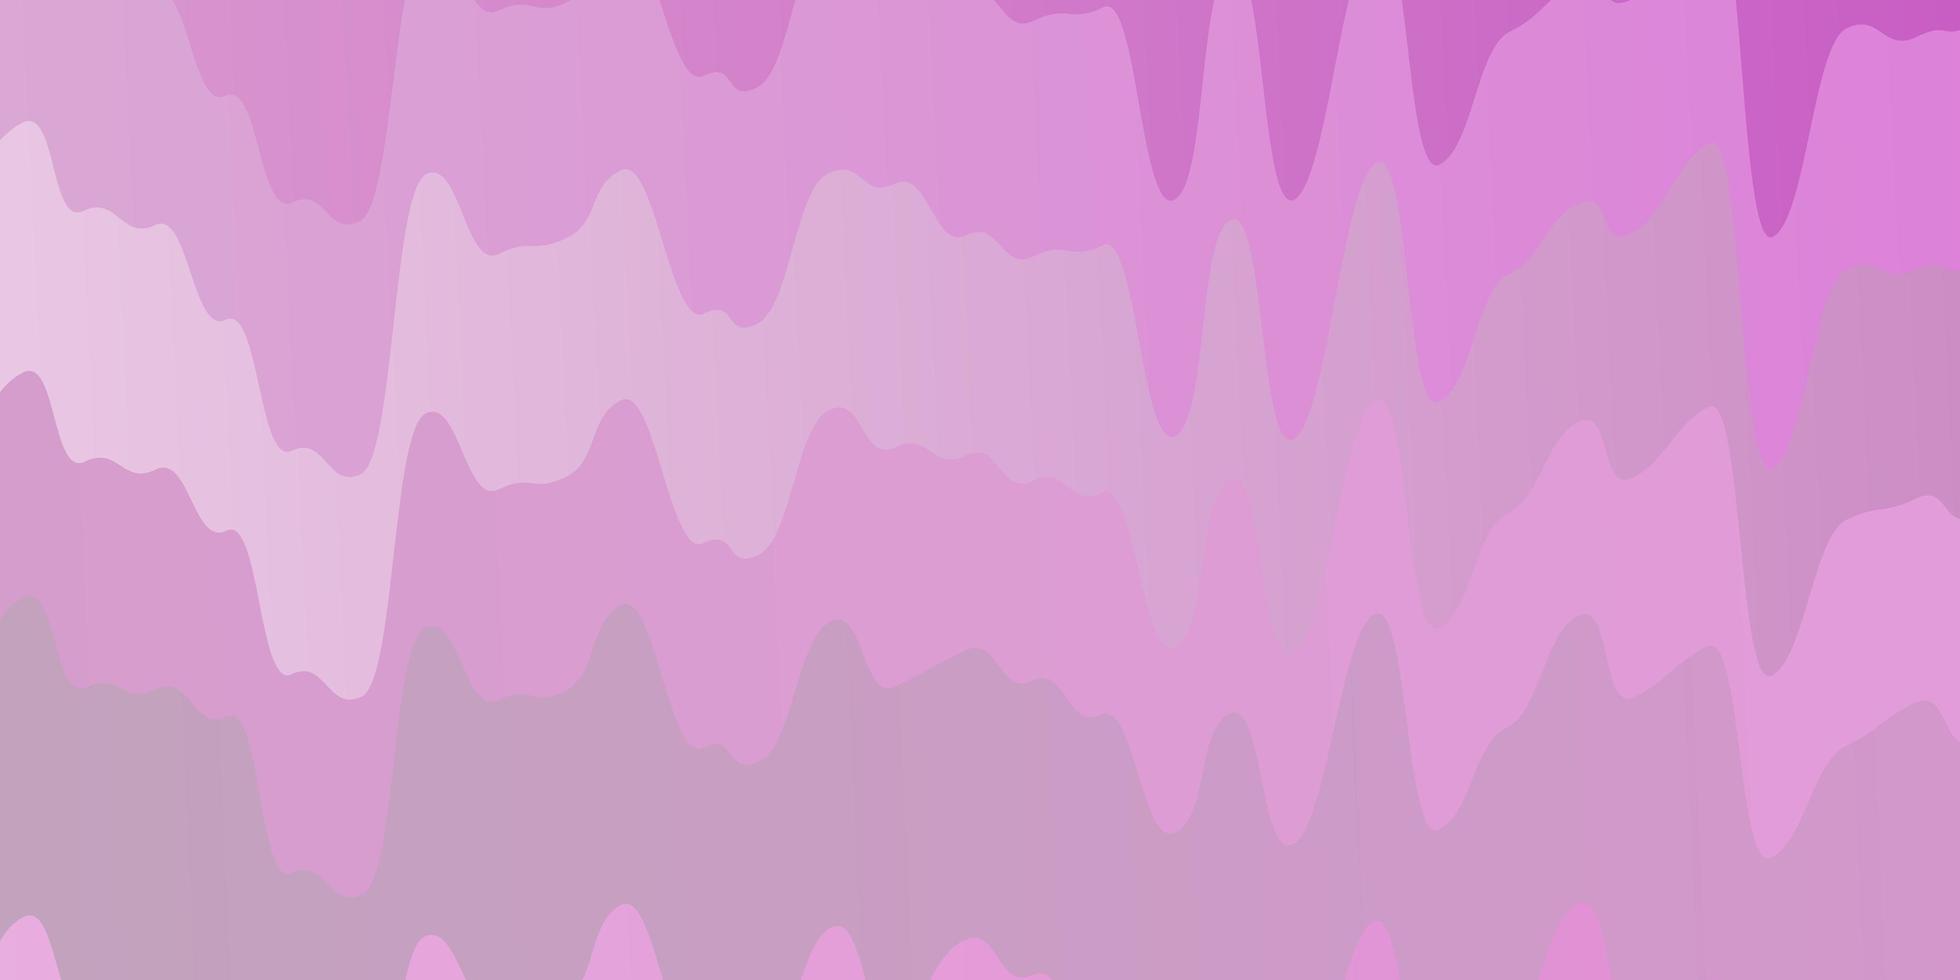 modello vettoriale rosa chiaro con linee ironiche.